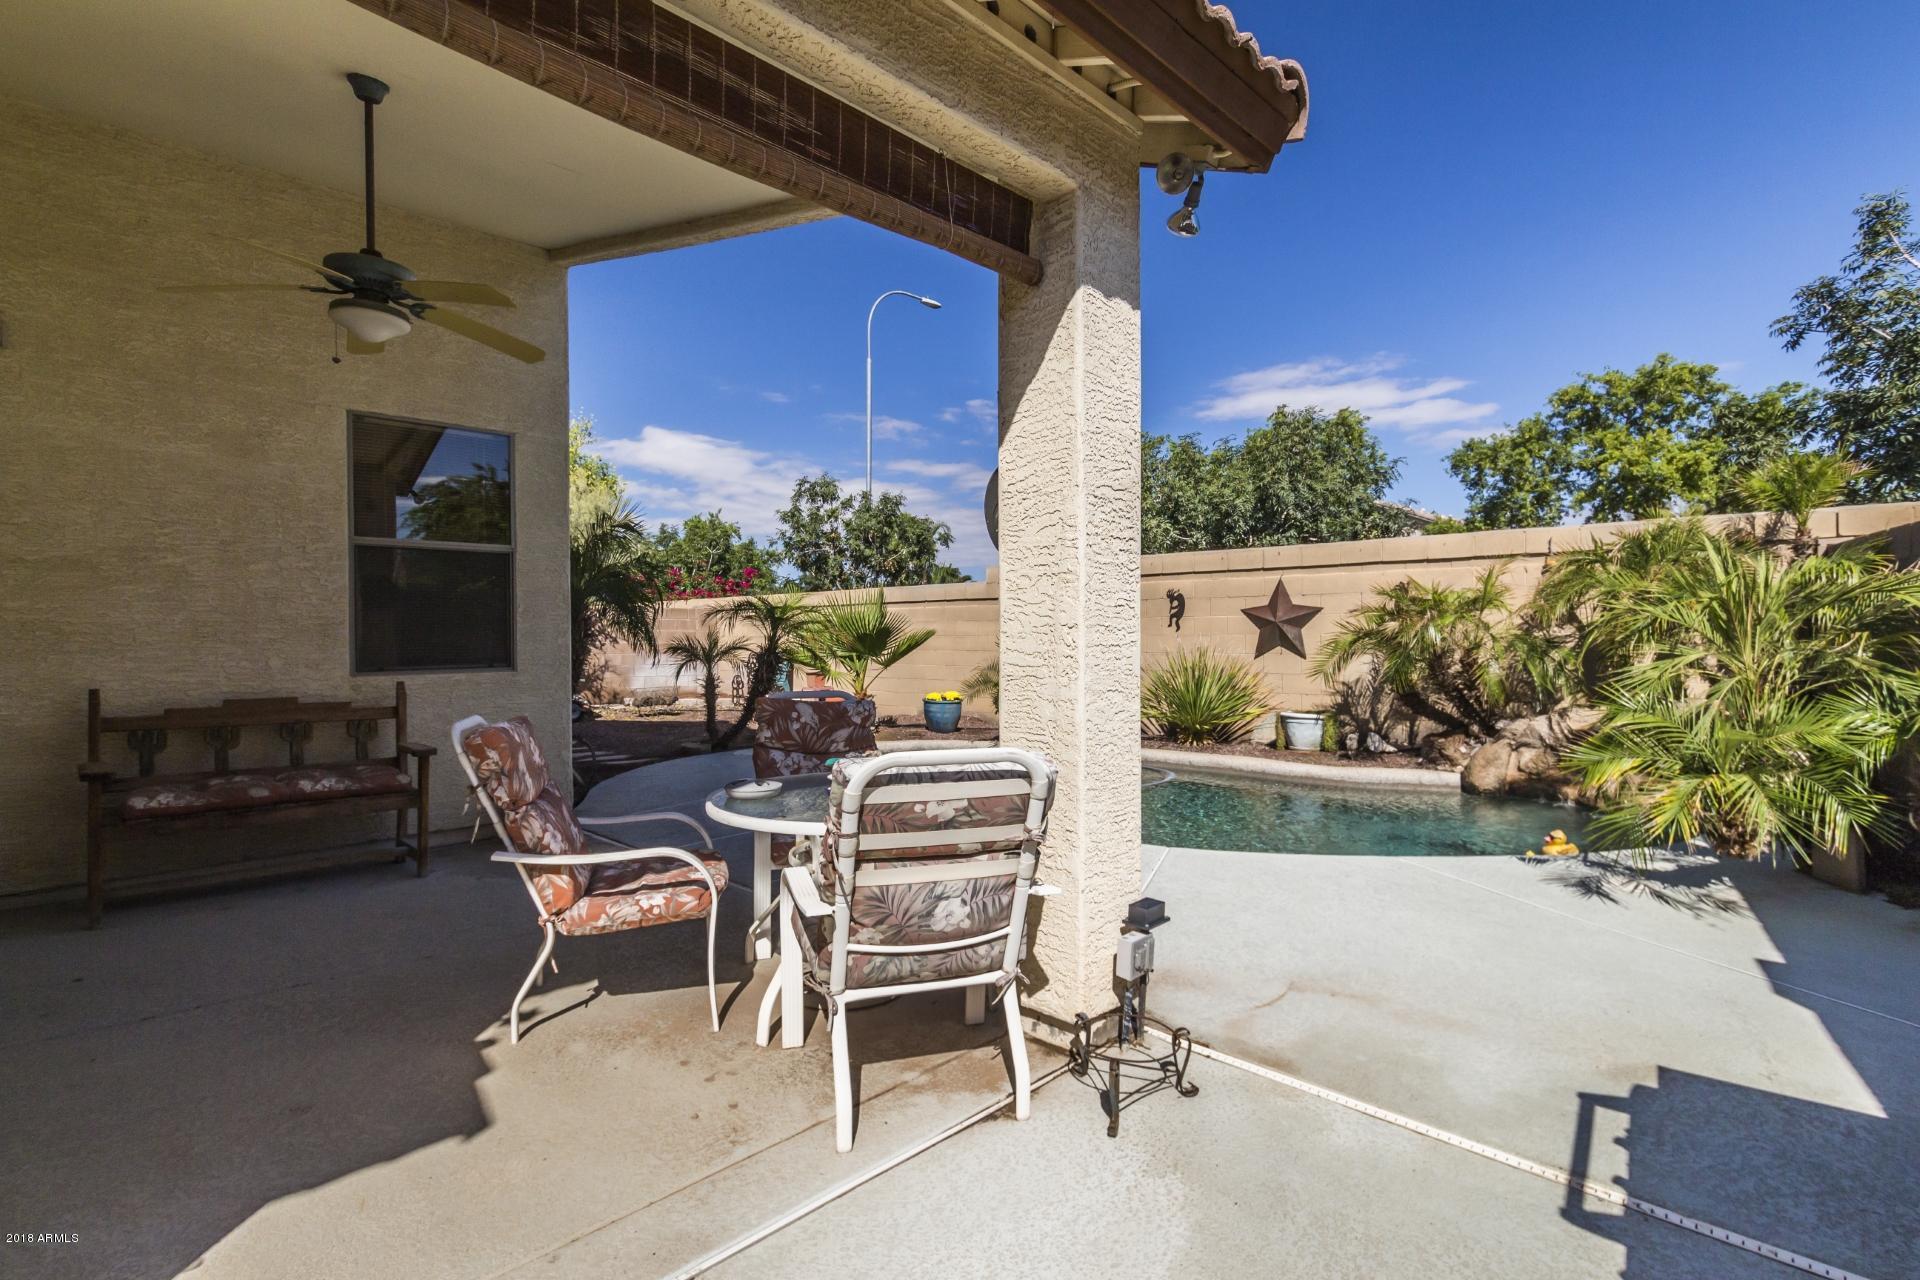 MLS 5833988 12230 W LINCOLN Street, Avondale, AZ 85323 Avondale AZ Coldwater Springs